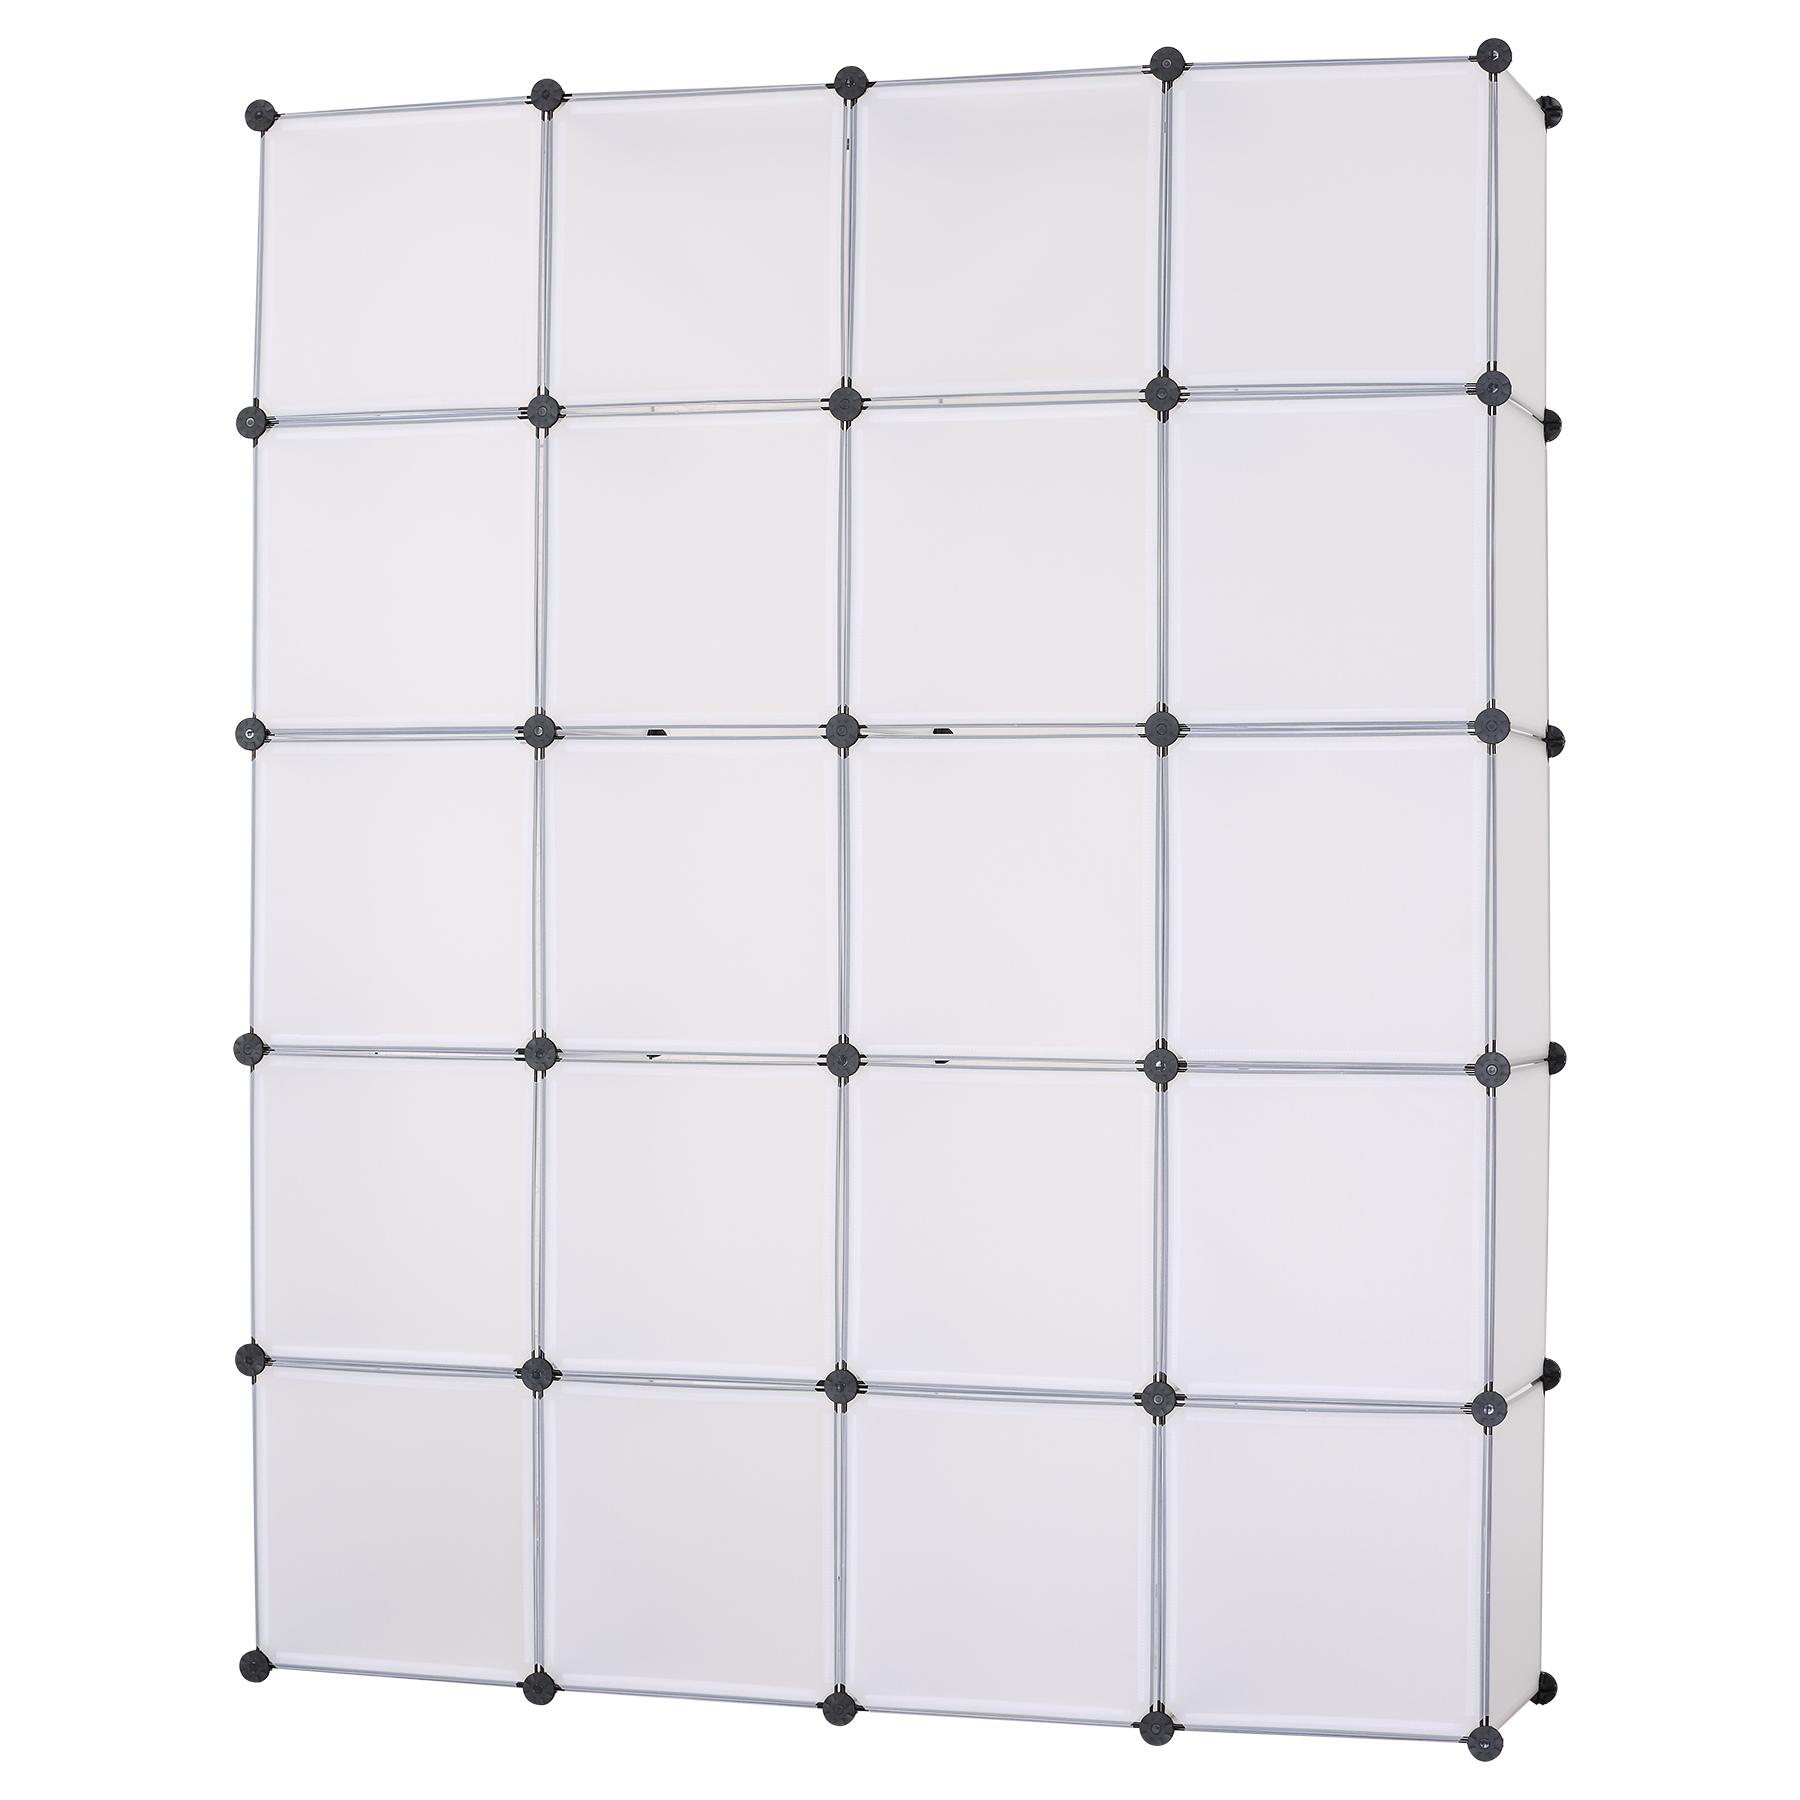 kleiderschrank garderobenschrank diy steckregal ohne t r. Black Bedroom Furniture Sets. Home Design Ideas